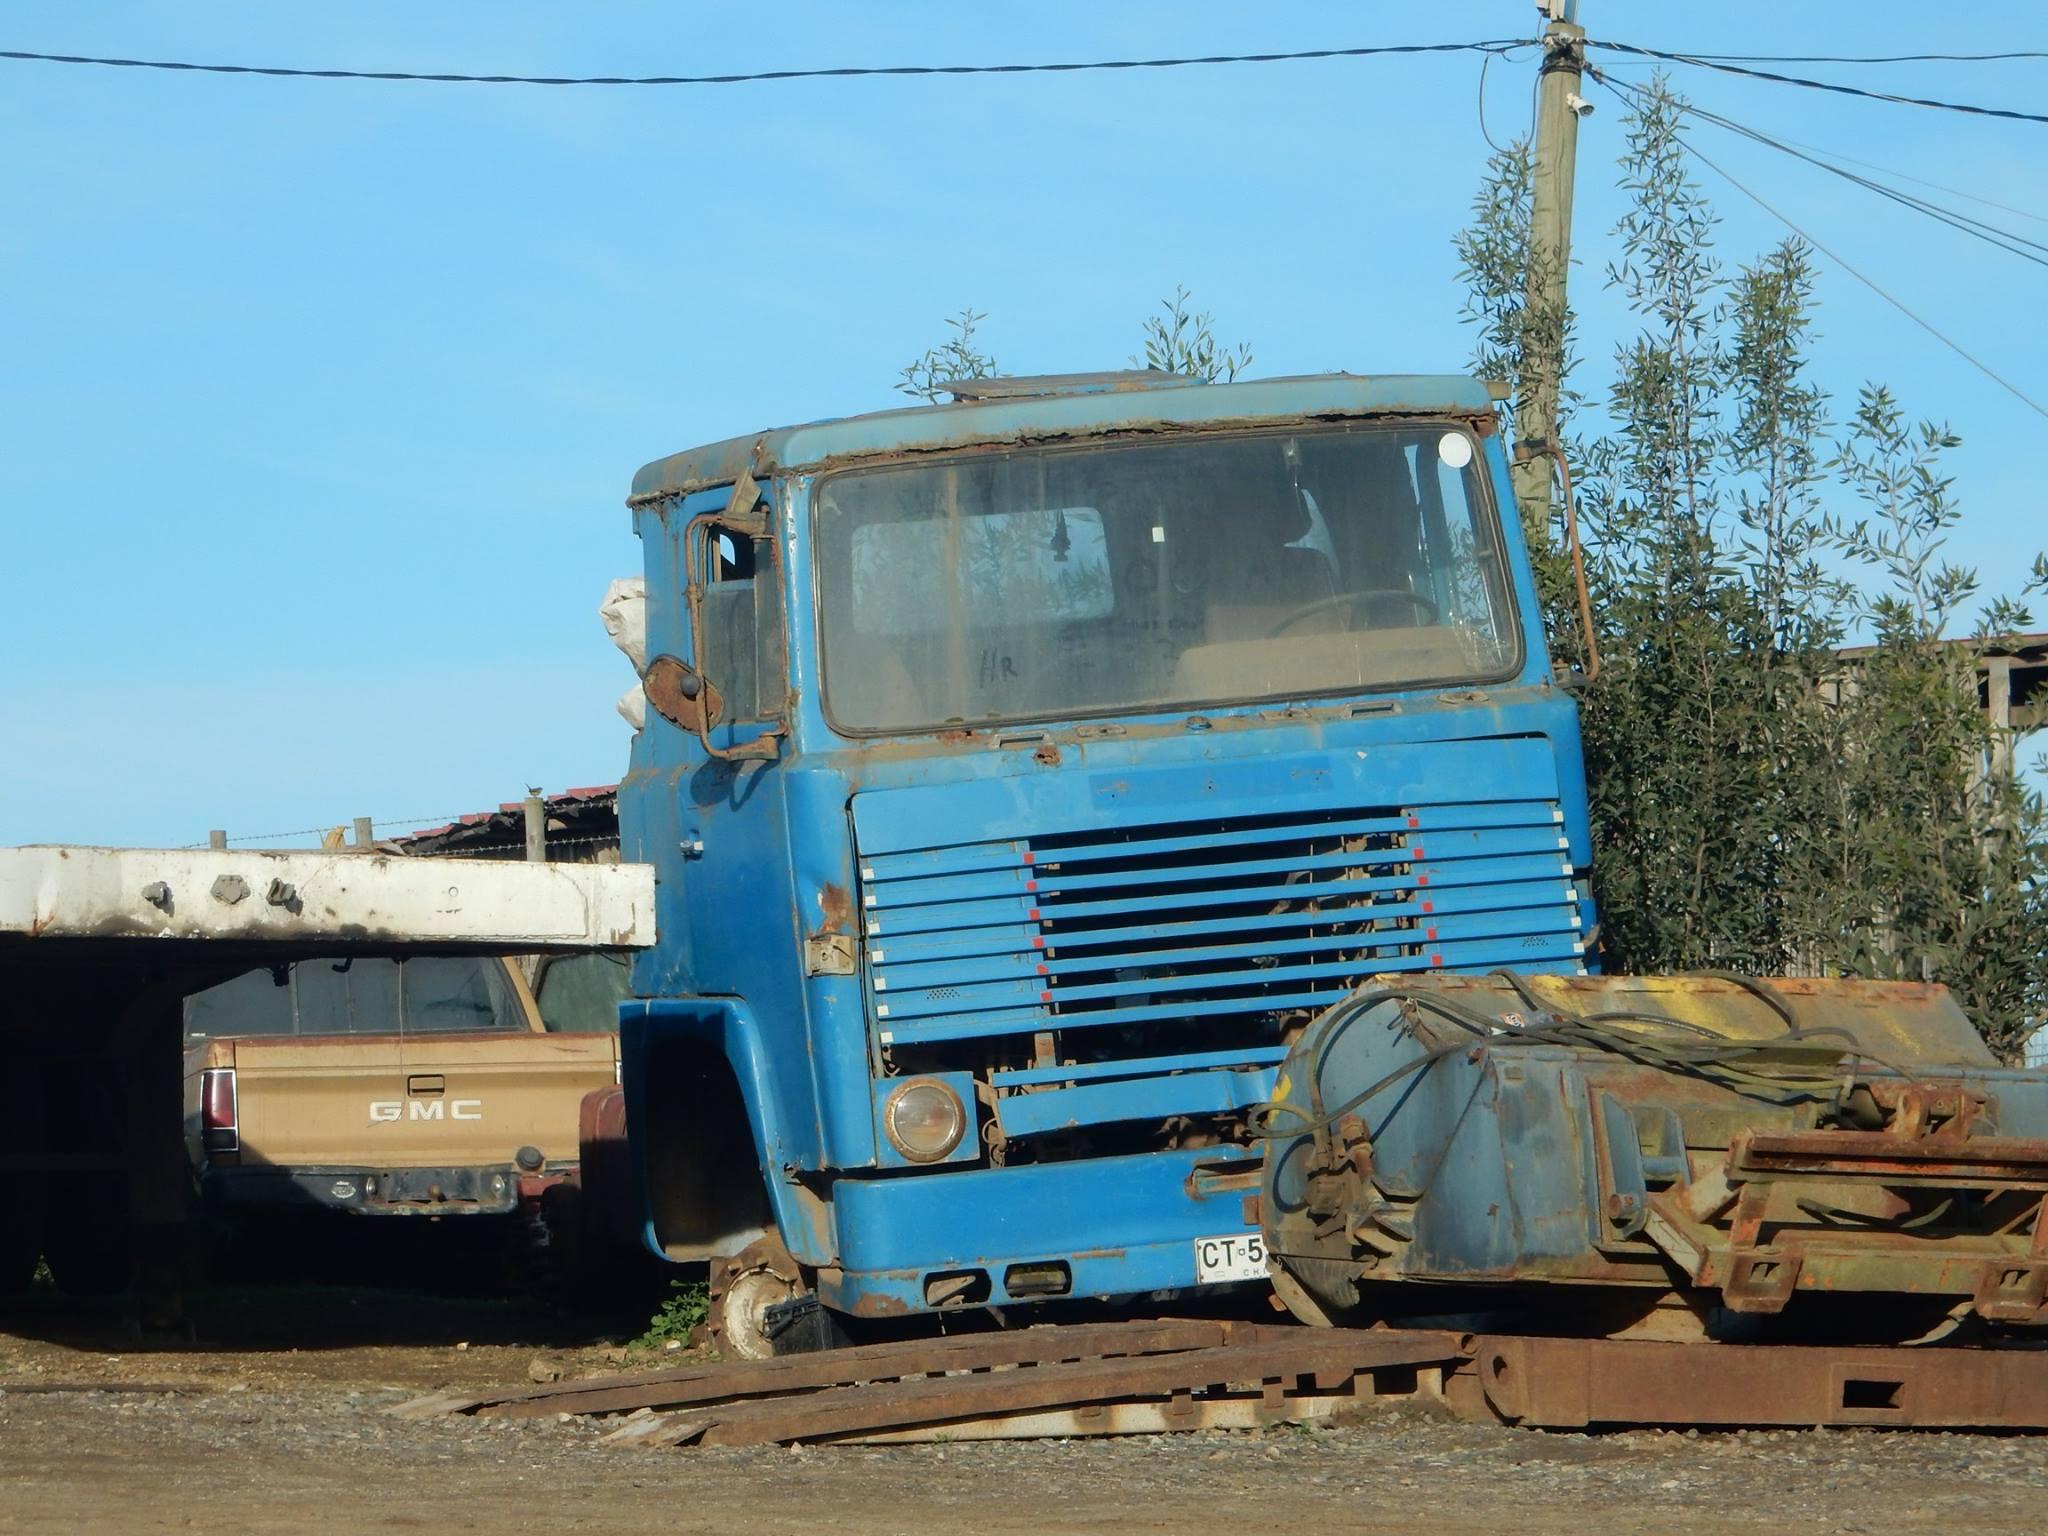 Camiones-vieja-escuela-olvidados-118